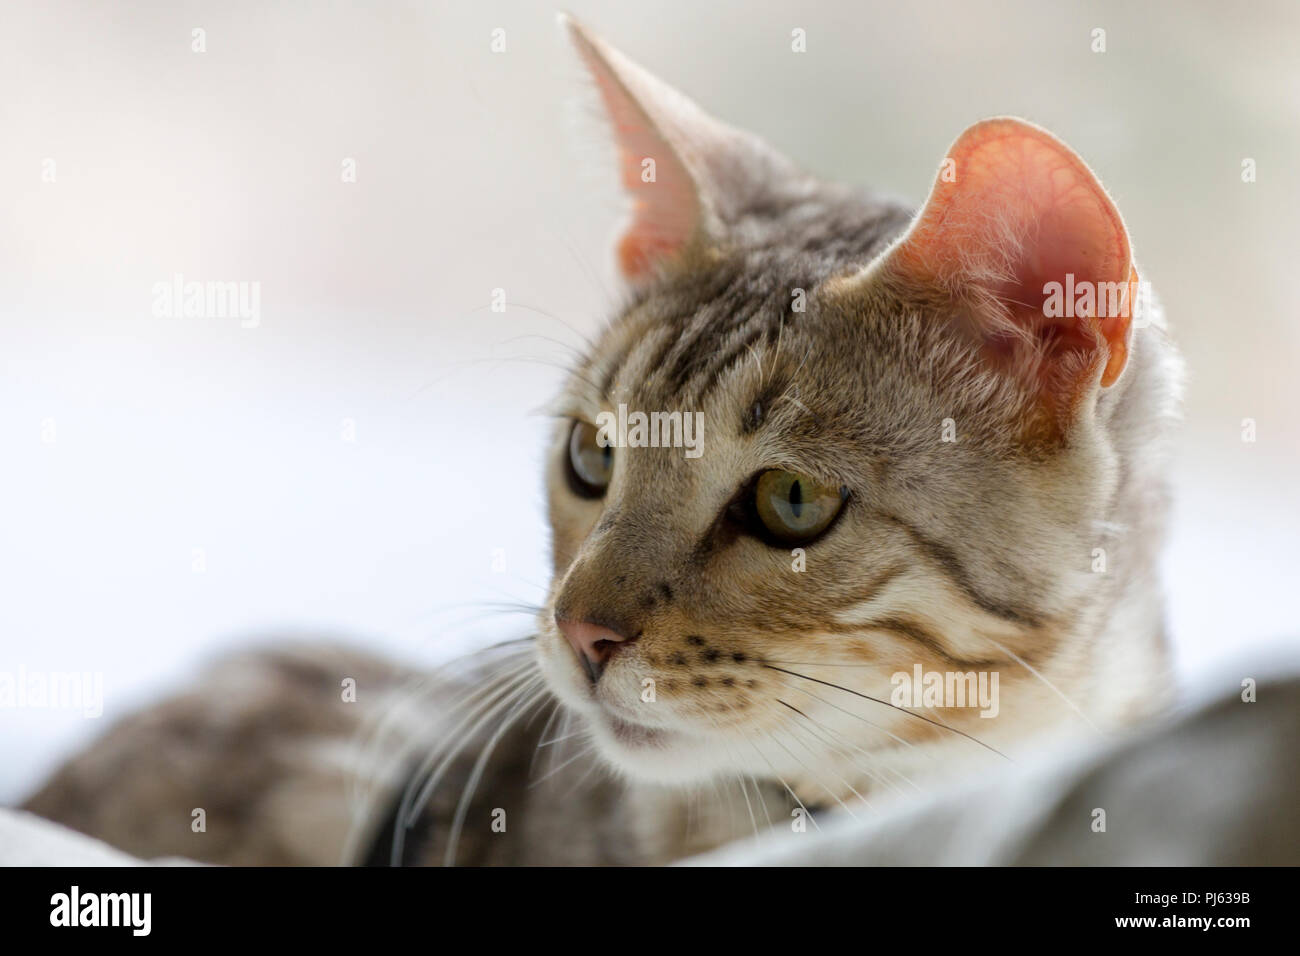 Bel maschio Bengala argento gattino ritratto al coperto a circa 6 mesi di età Immagini Stock